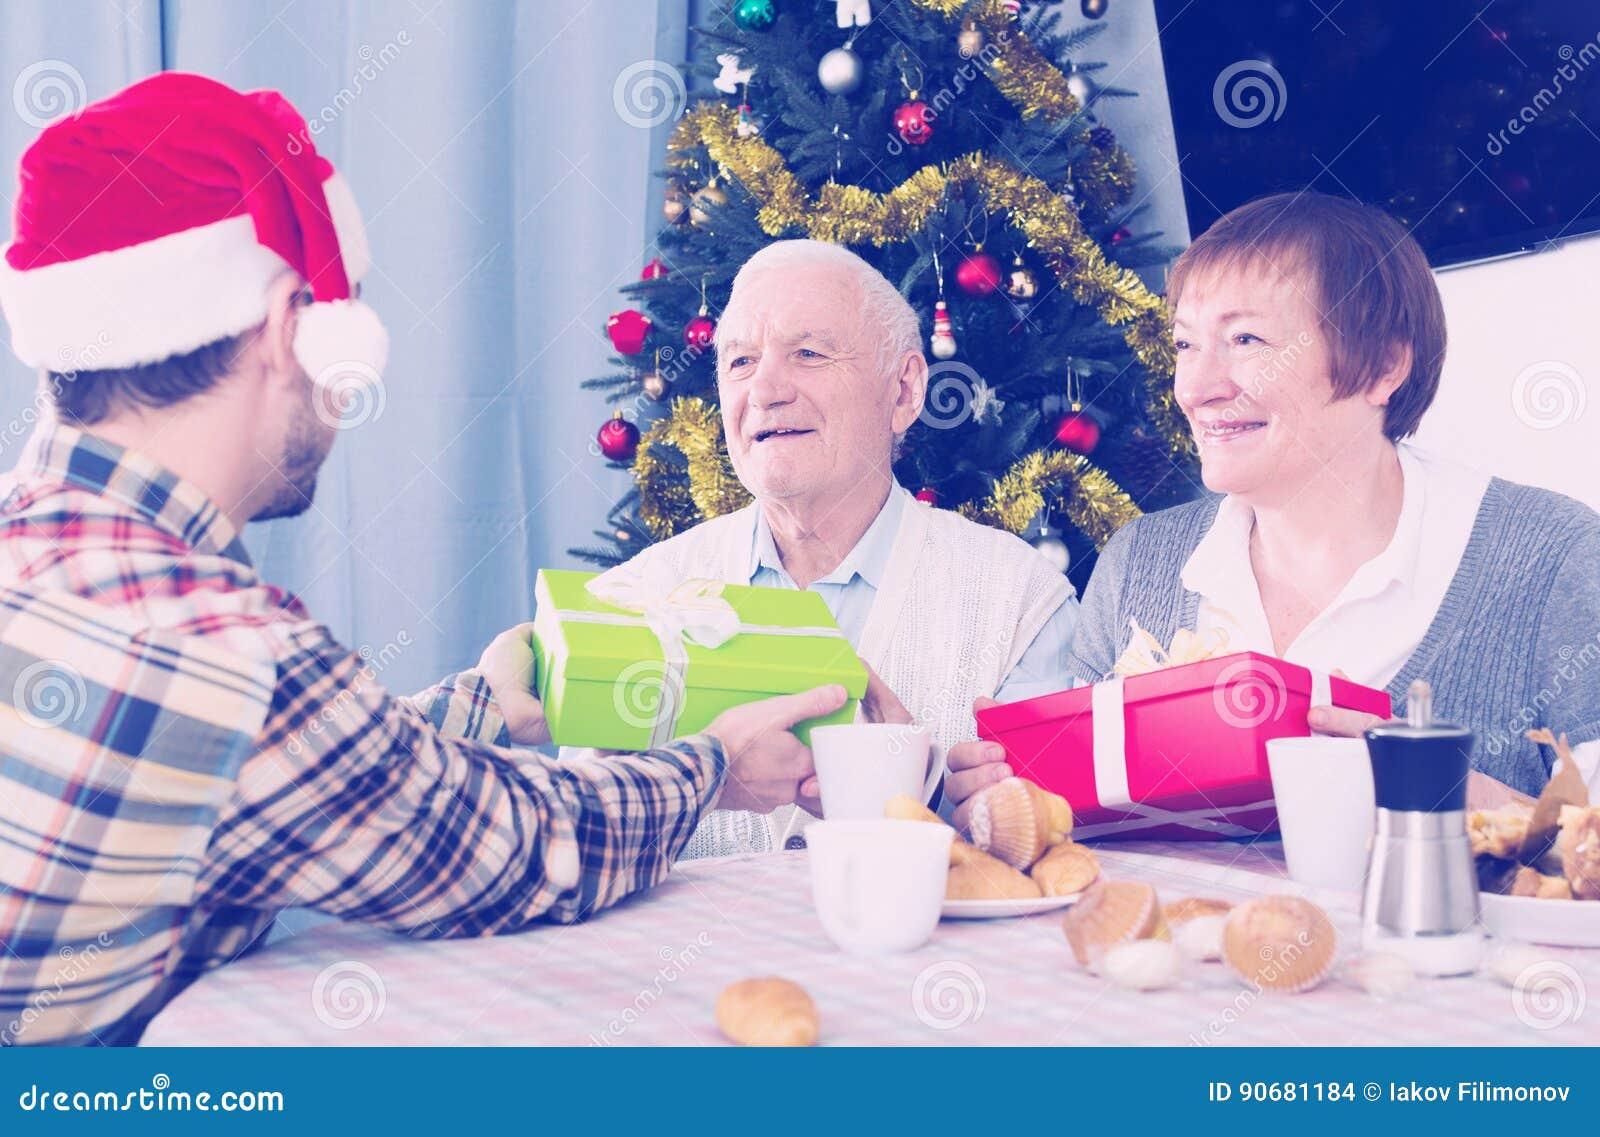 Familie Gibt Weihnachtsgeschenke Stockfoto - Bild von paare, älter ...